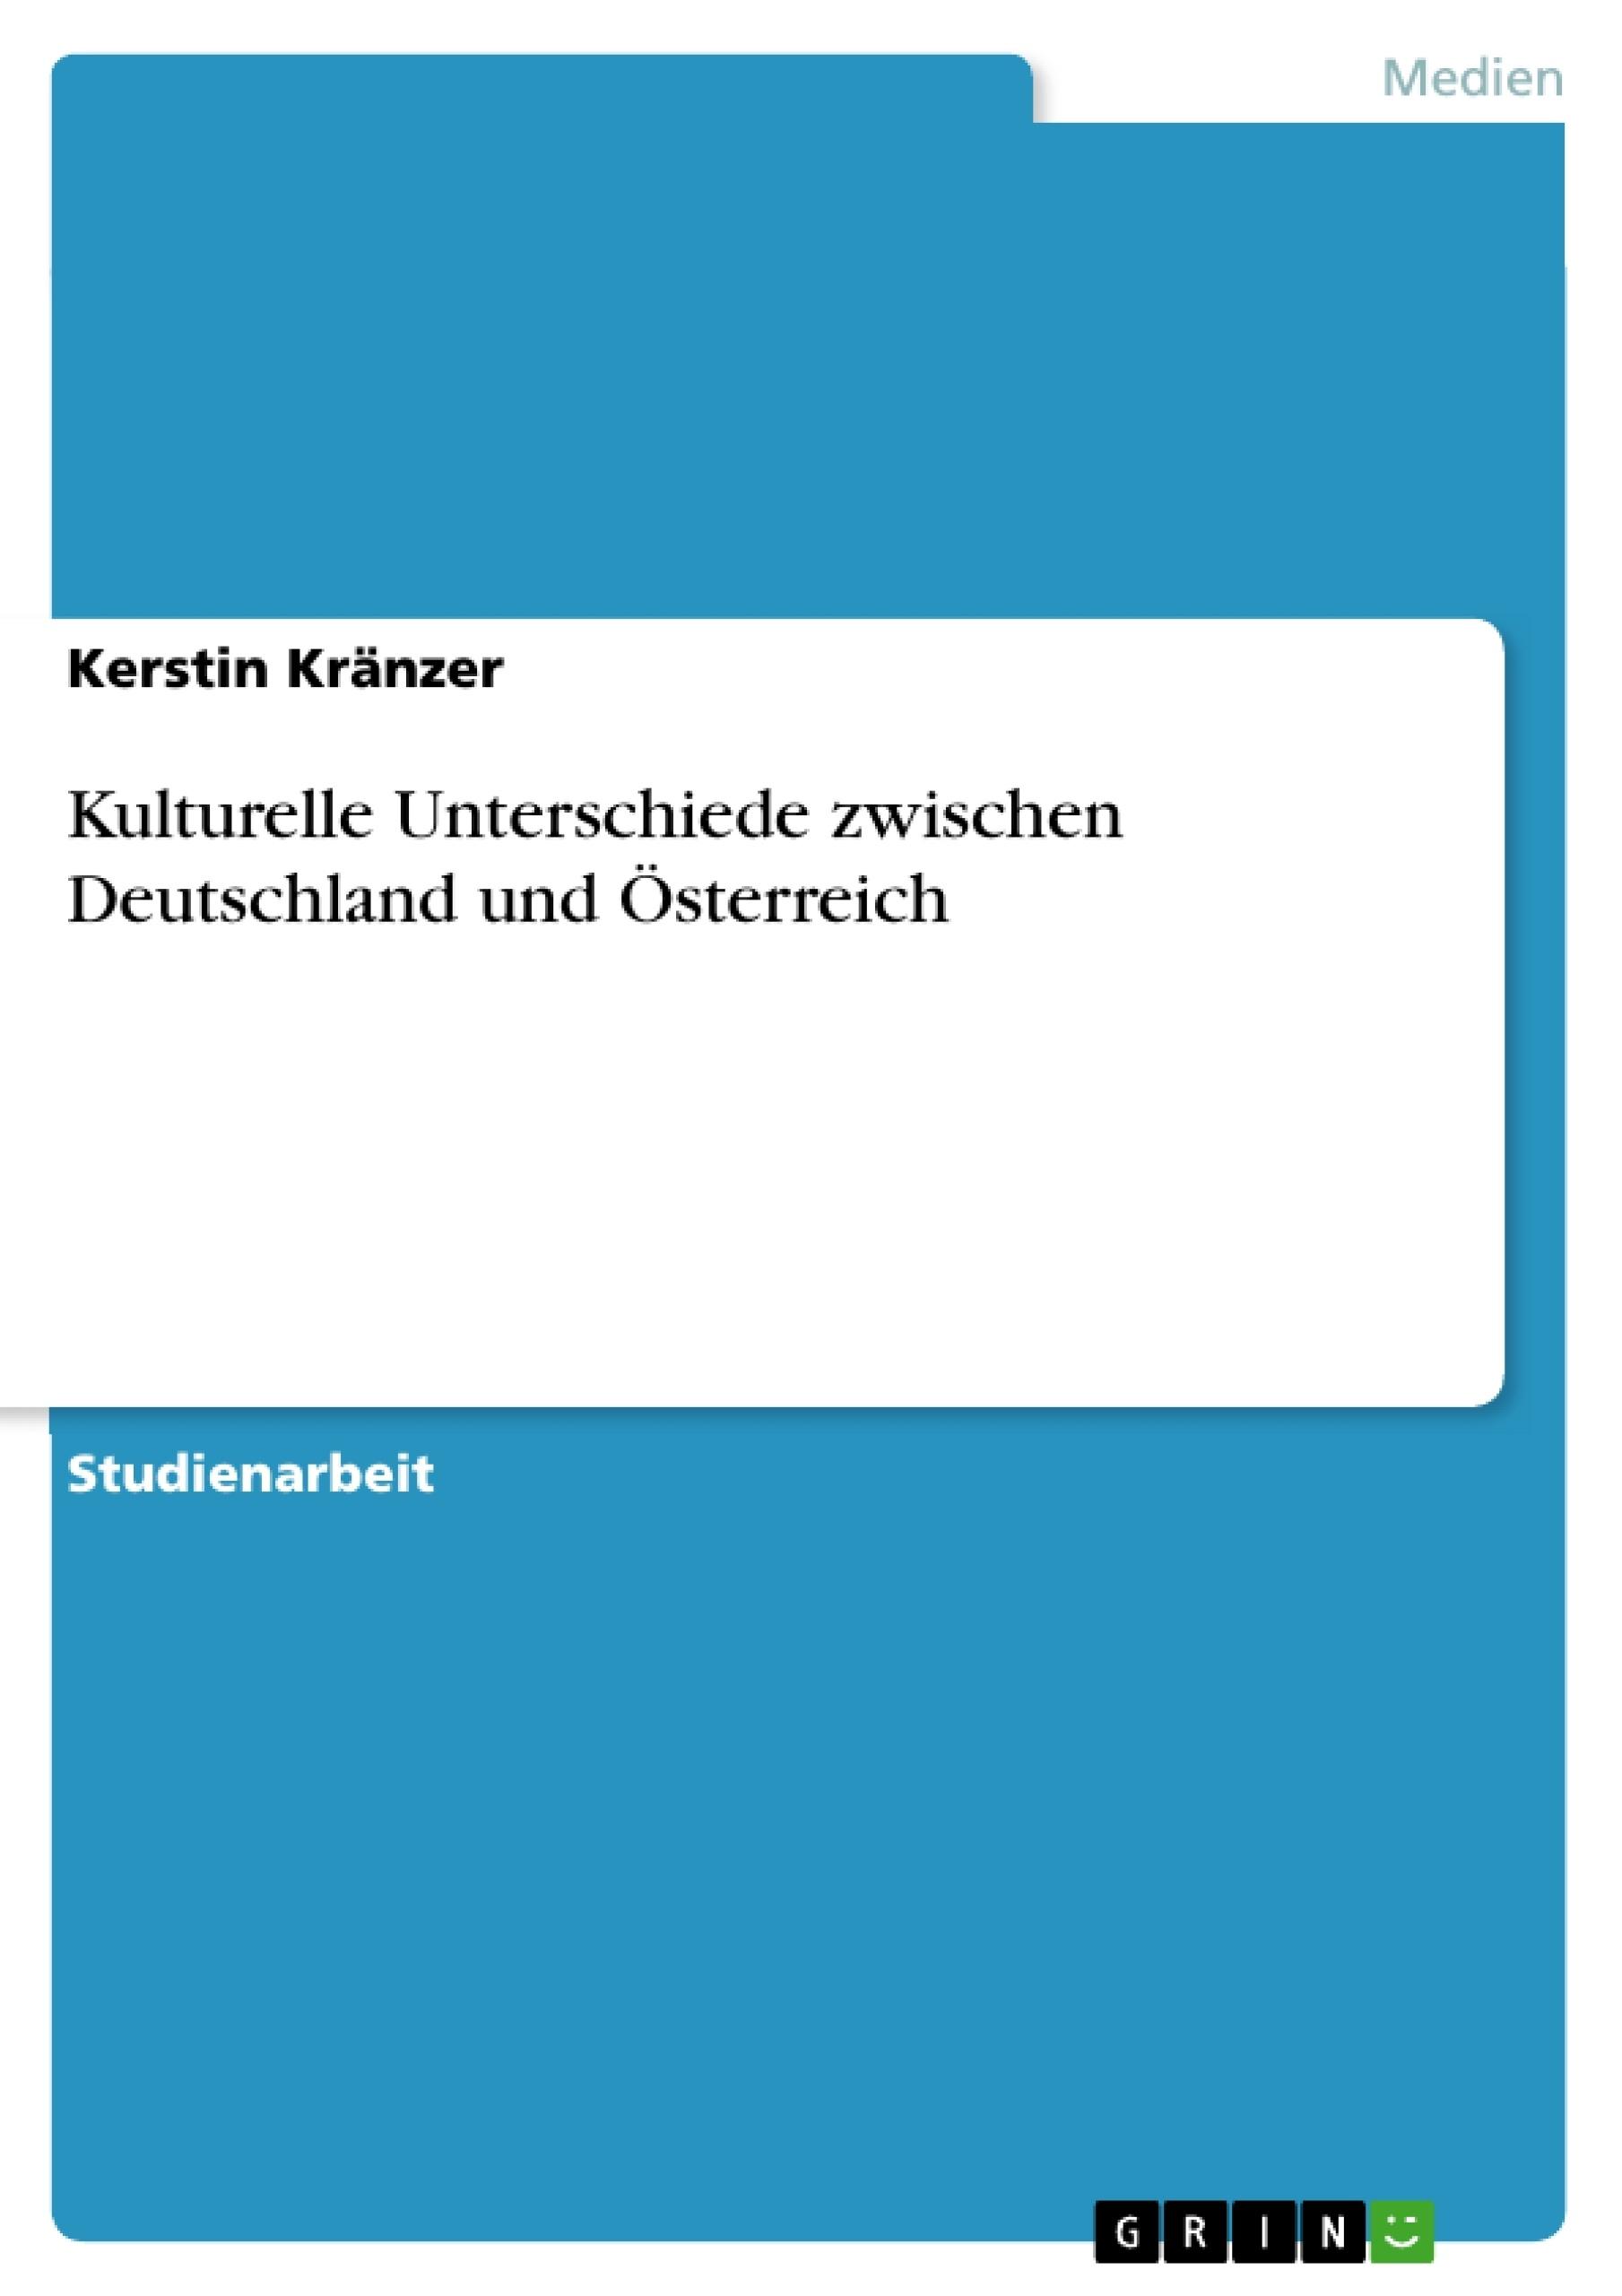 Titel: Kulturelle Unterschiede zwischen Deutschland und Österreich